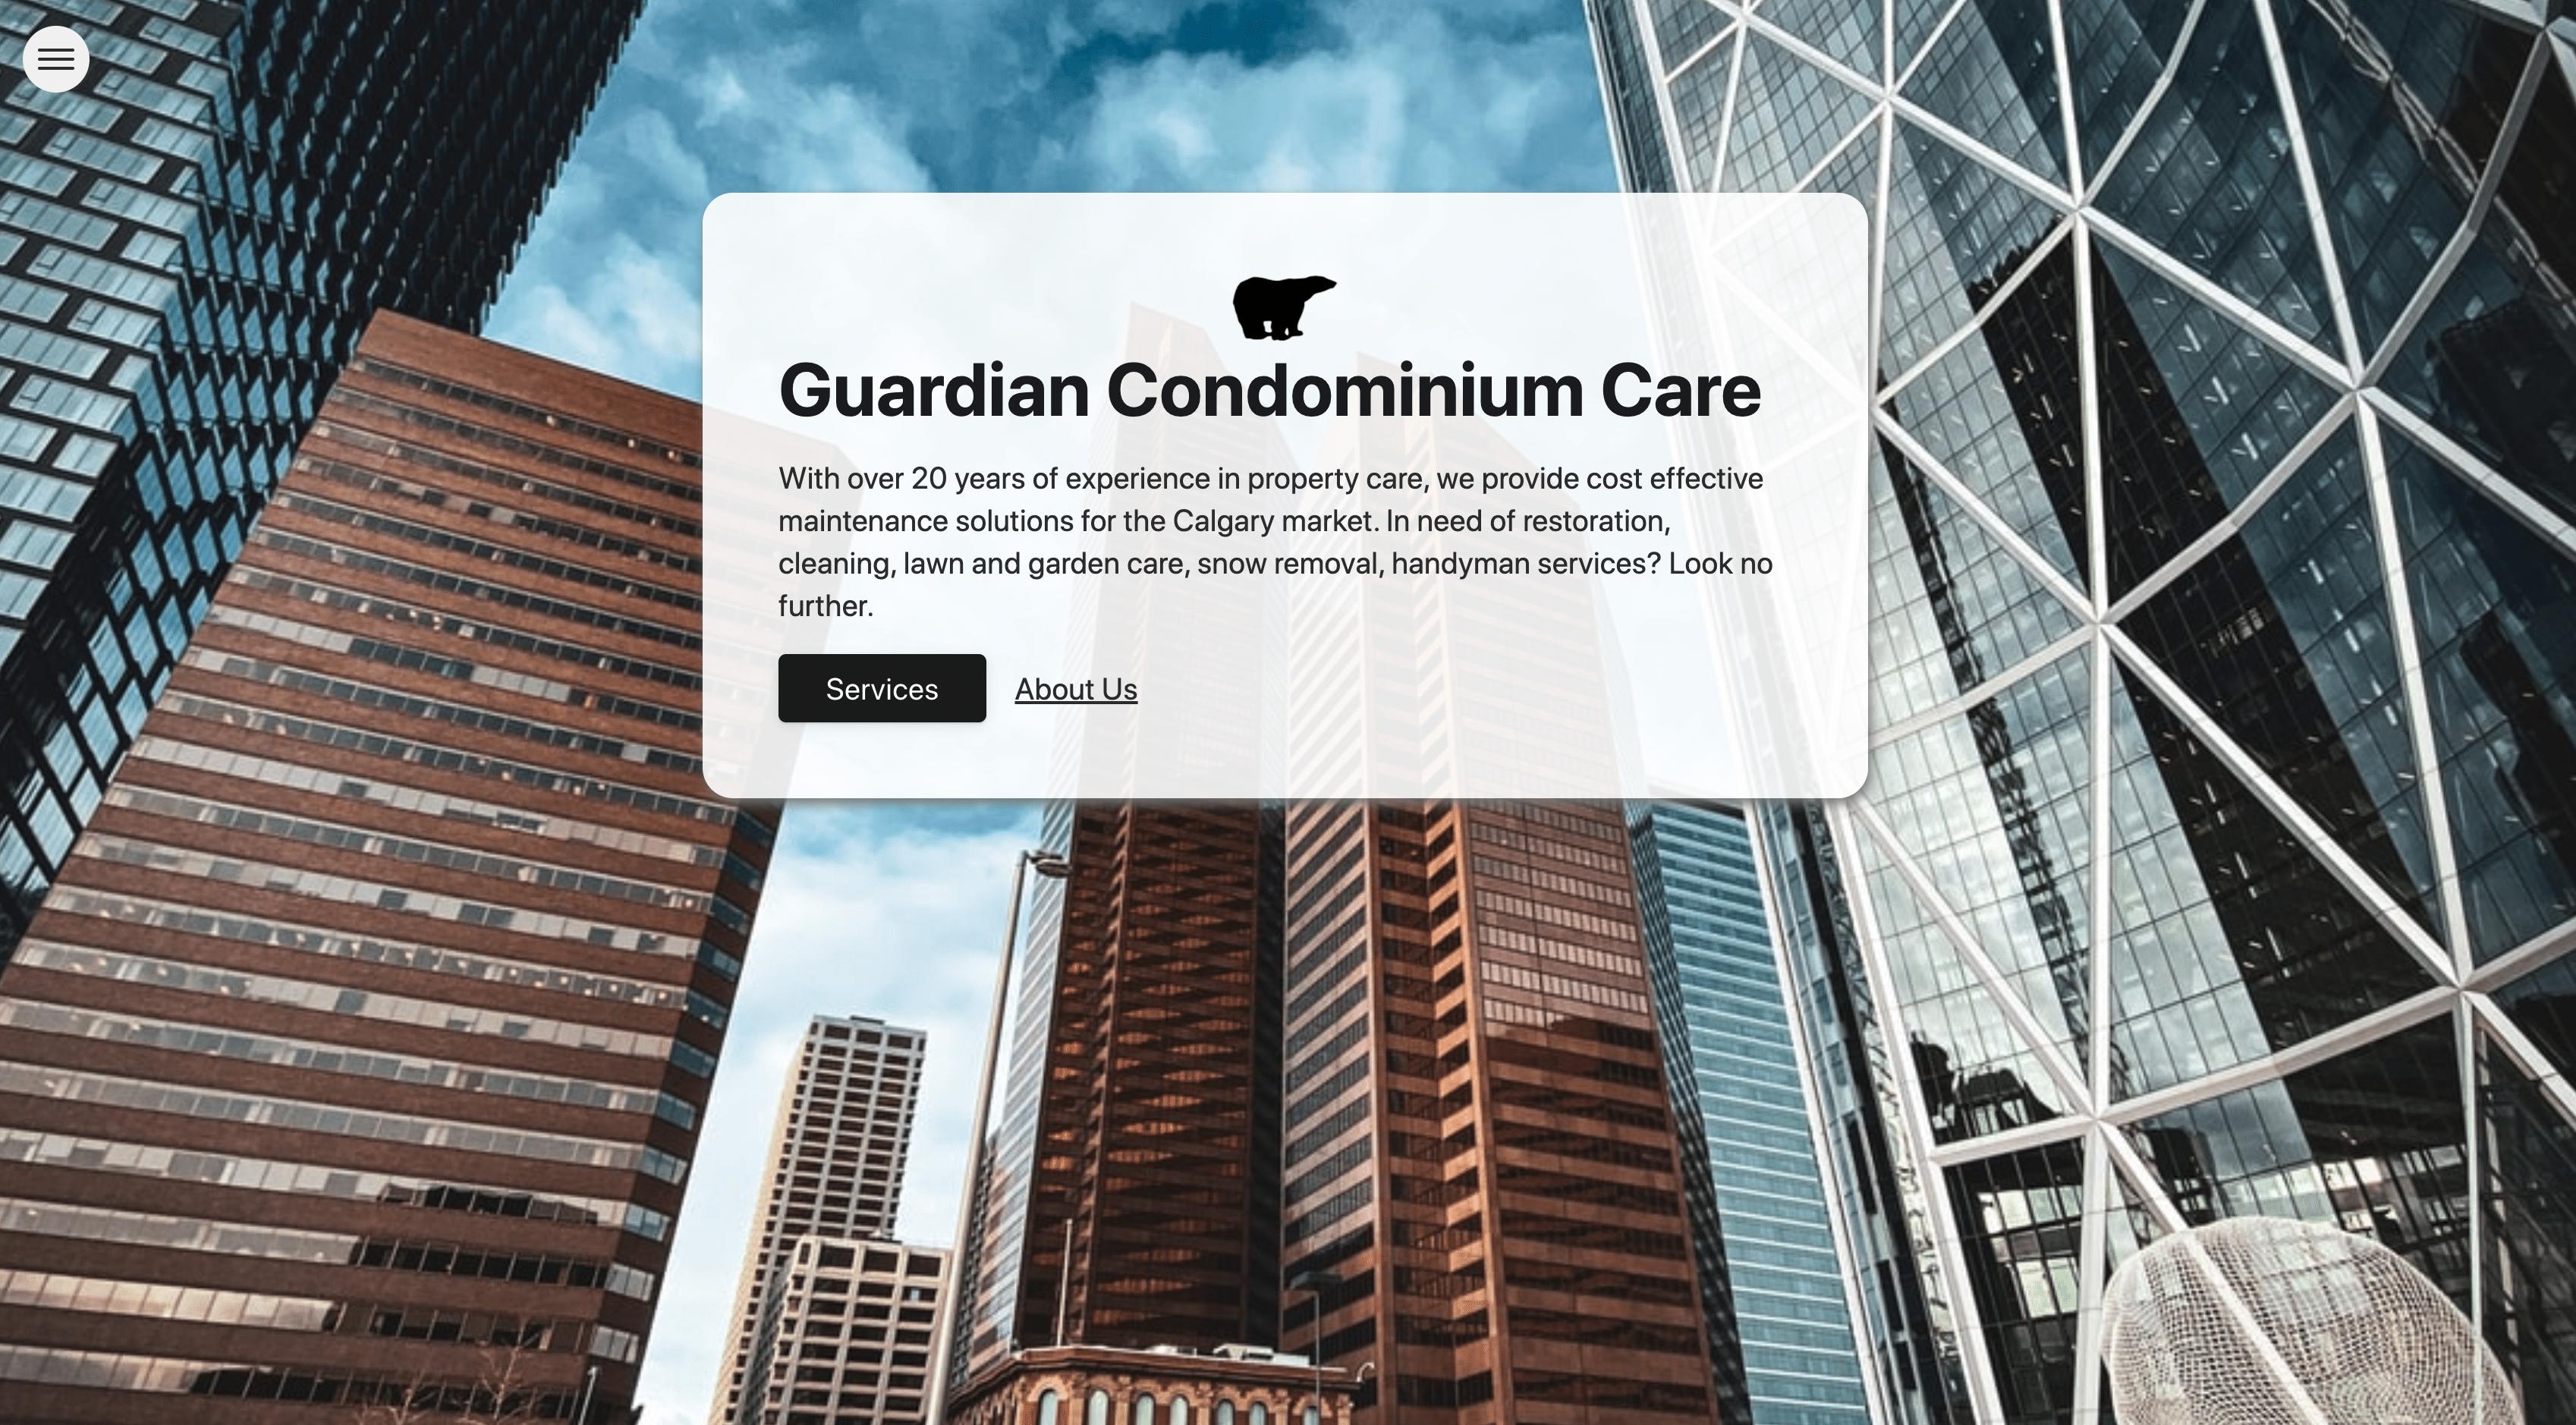 Guardian Condo Care